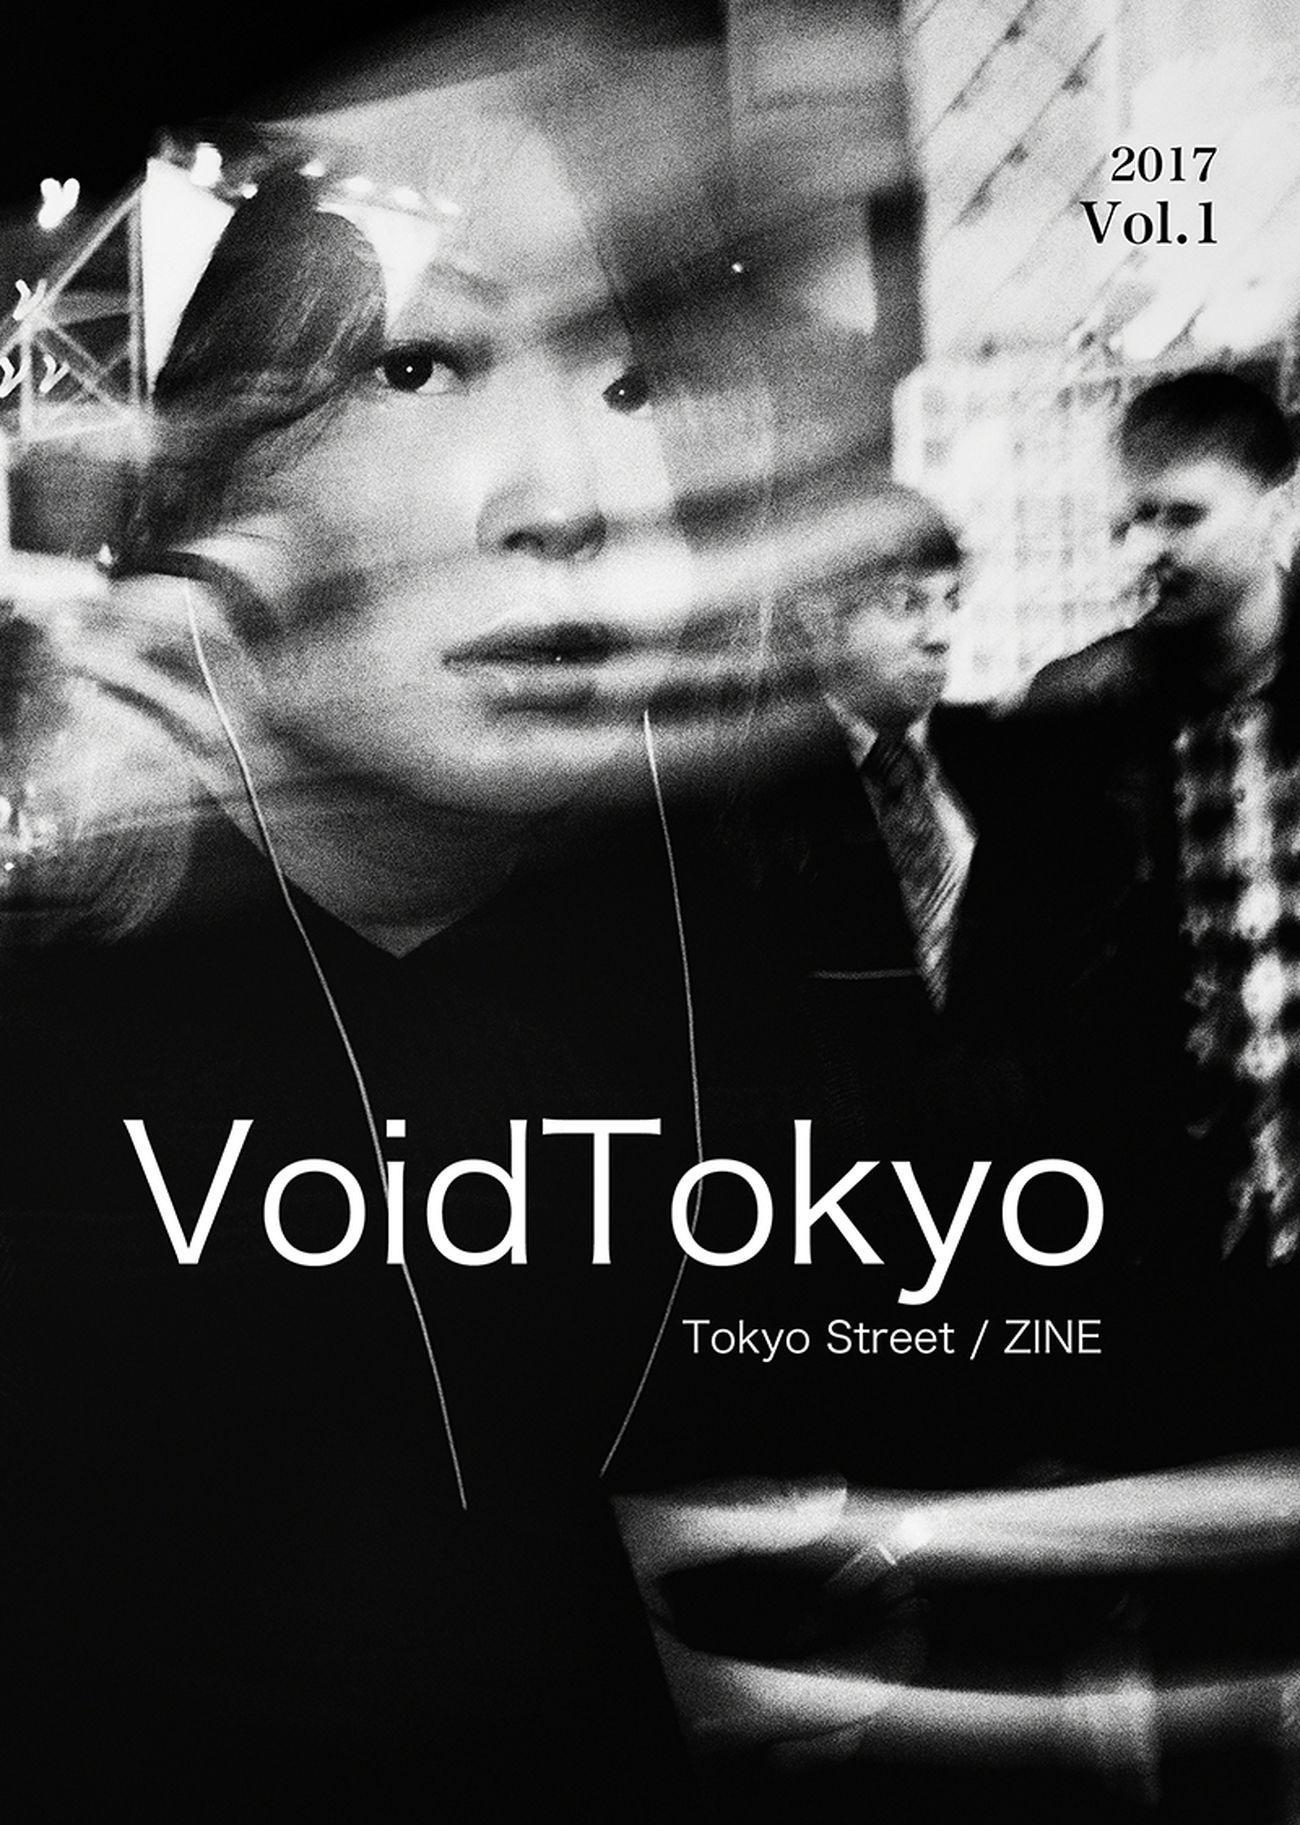 私もメンバーの一人として参加している、東京の今を切り取るストリート写真誌 「VoidTokyo」 が4月に発刊されます。 東京オリンピックへと向け刻々と変化を遂げる都市と人々。 その姿を11人の写真家の目を通じて記録します。 Launched out now Void Tokyo. http://voidtokyo.media/ 11 Japanese street photographers will shoot Tokyo real time. The Zine will be published soon,April,2017. Check it out now. B&w Street Photography Shibuya SHINJYUKU Street Street Photography Streetphoto Streetphoto_bw Streetphotographer Streetphotographers Streetphotography Streetphotography_bw Tokyo Tokyo Street Photography Tokyo,Japan